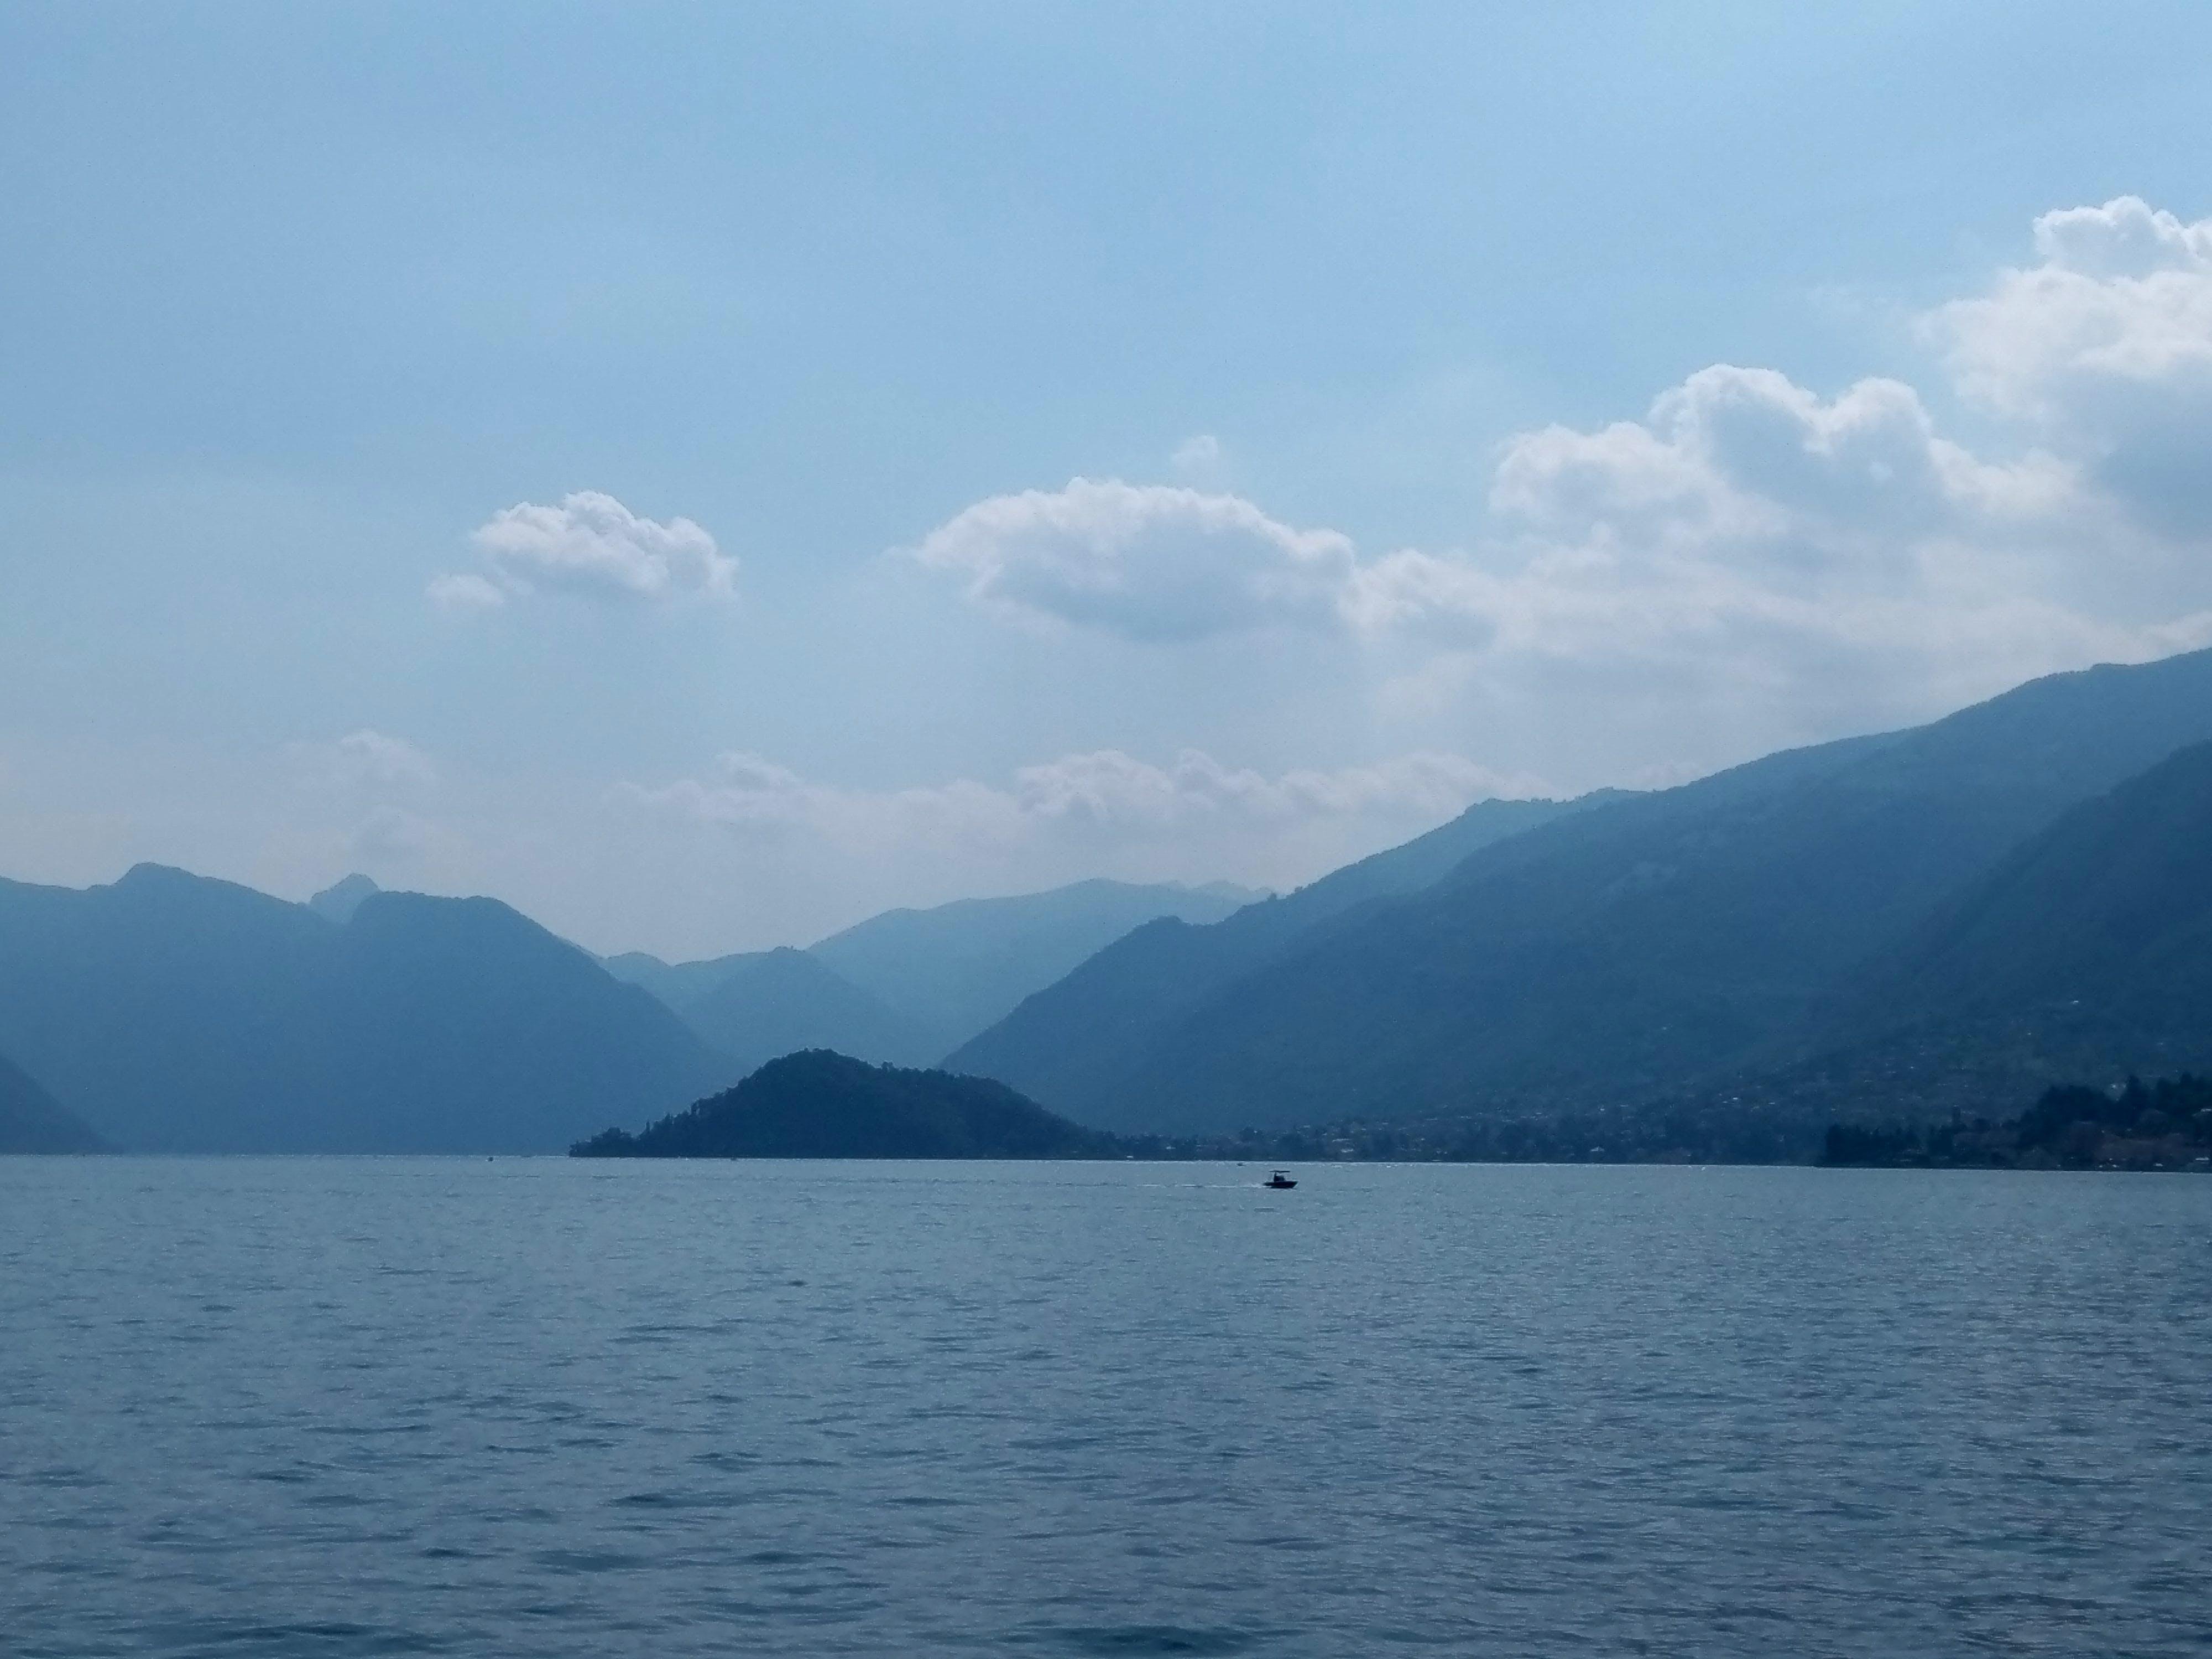 Free stock photo of mountains, view, lake lugano